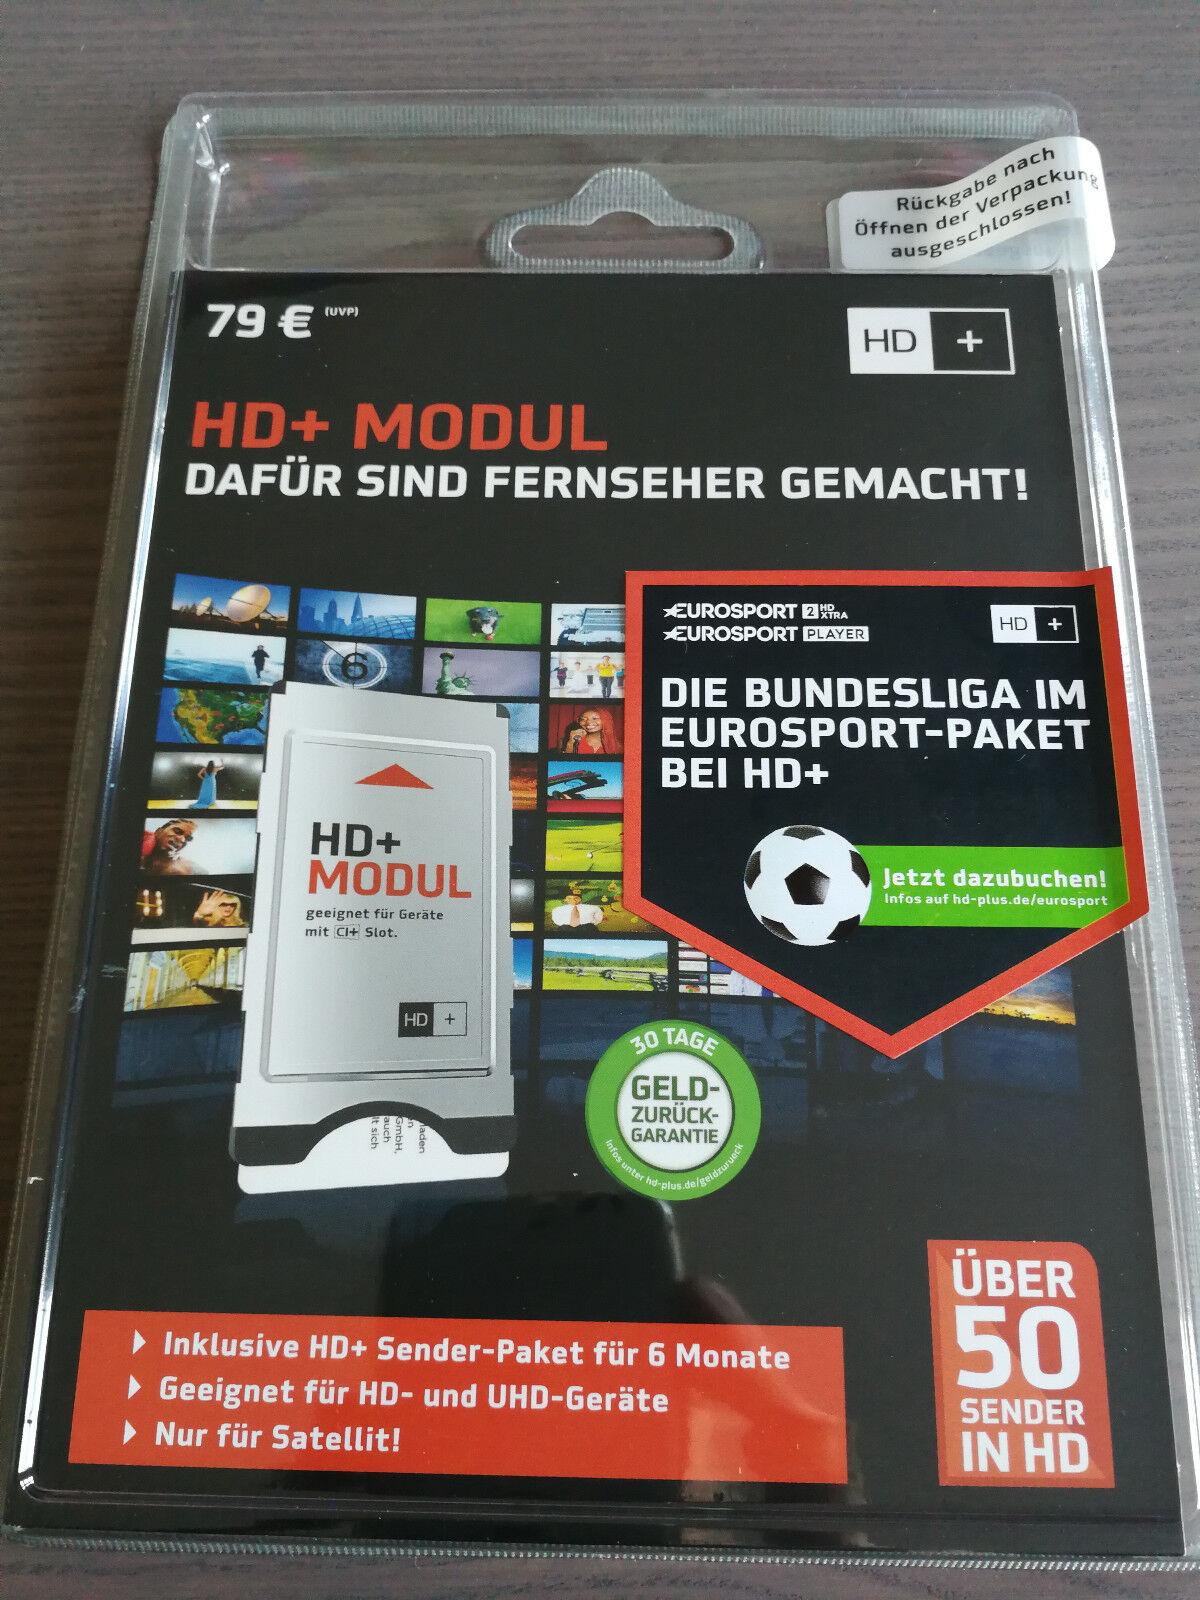 UHD/4K fähiges HD+CI+Modul für ASTRA-Sat +Smartcard für 6 Monate +HDMI-Kabel